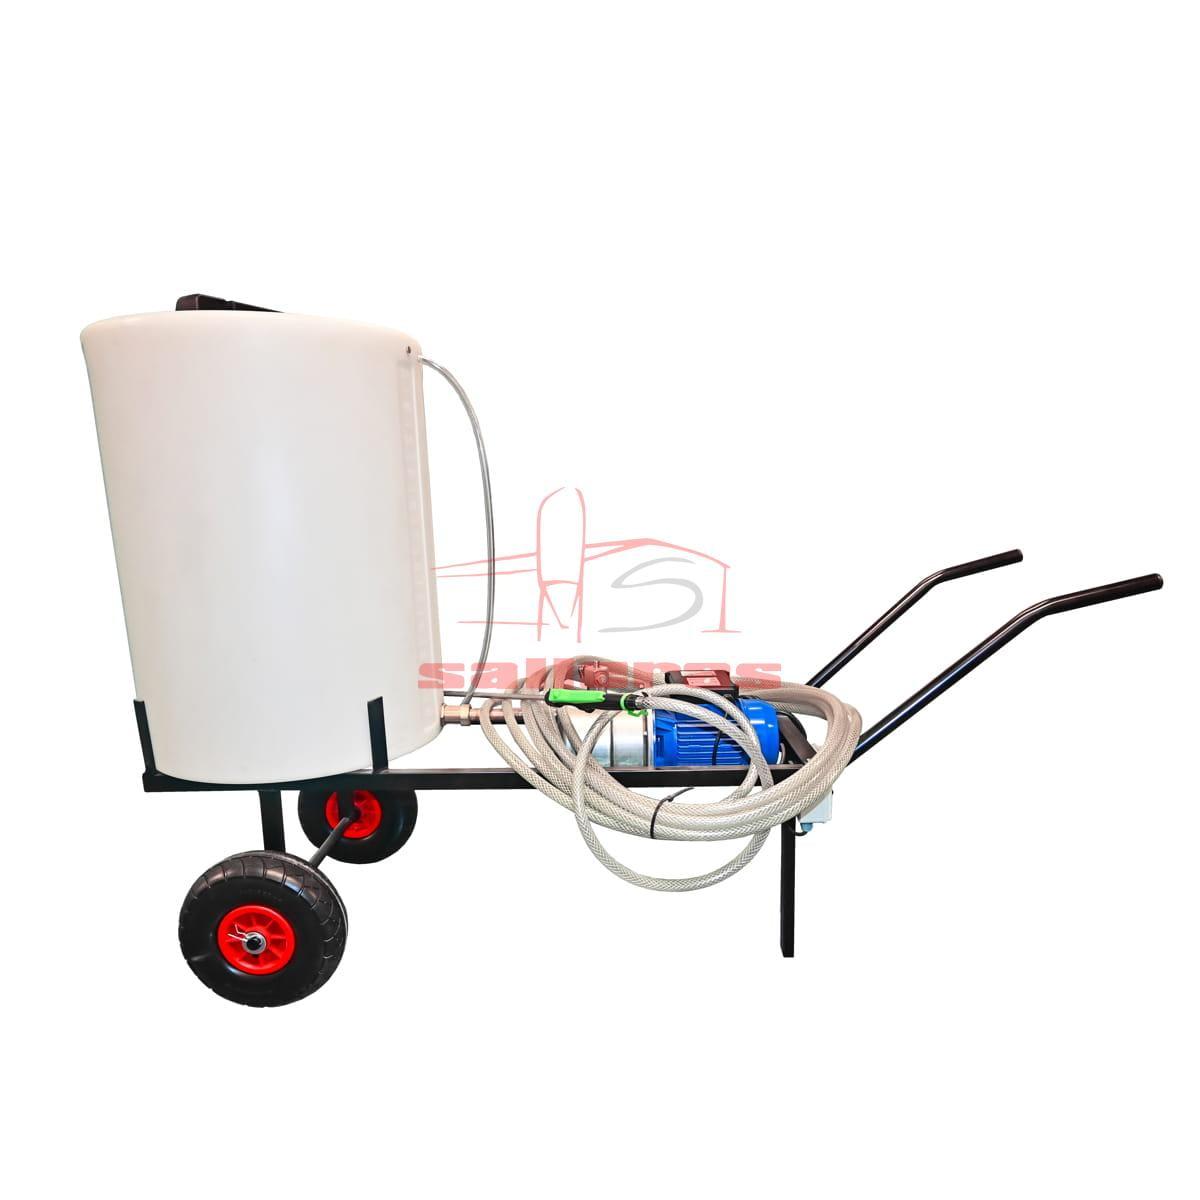 Encaladora de alimentacion electrica con deposito blanco y carro de transporte